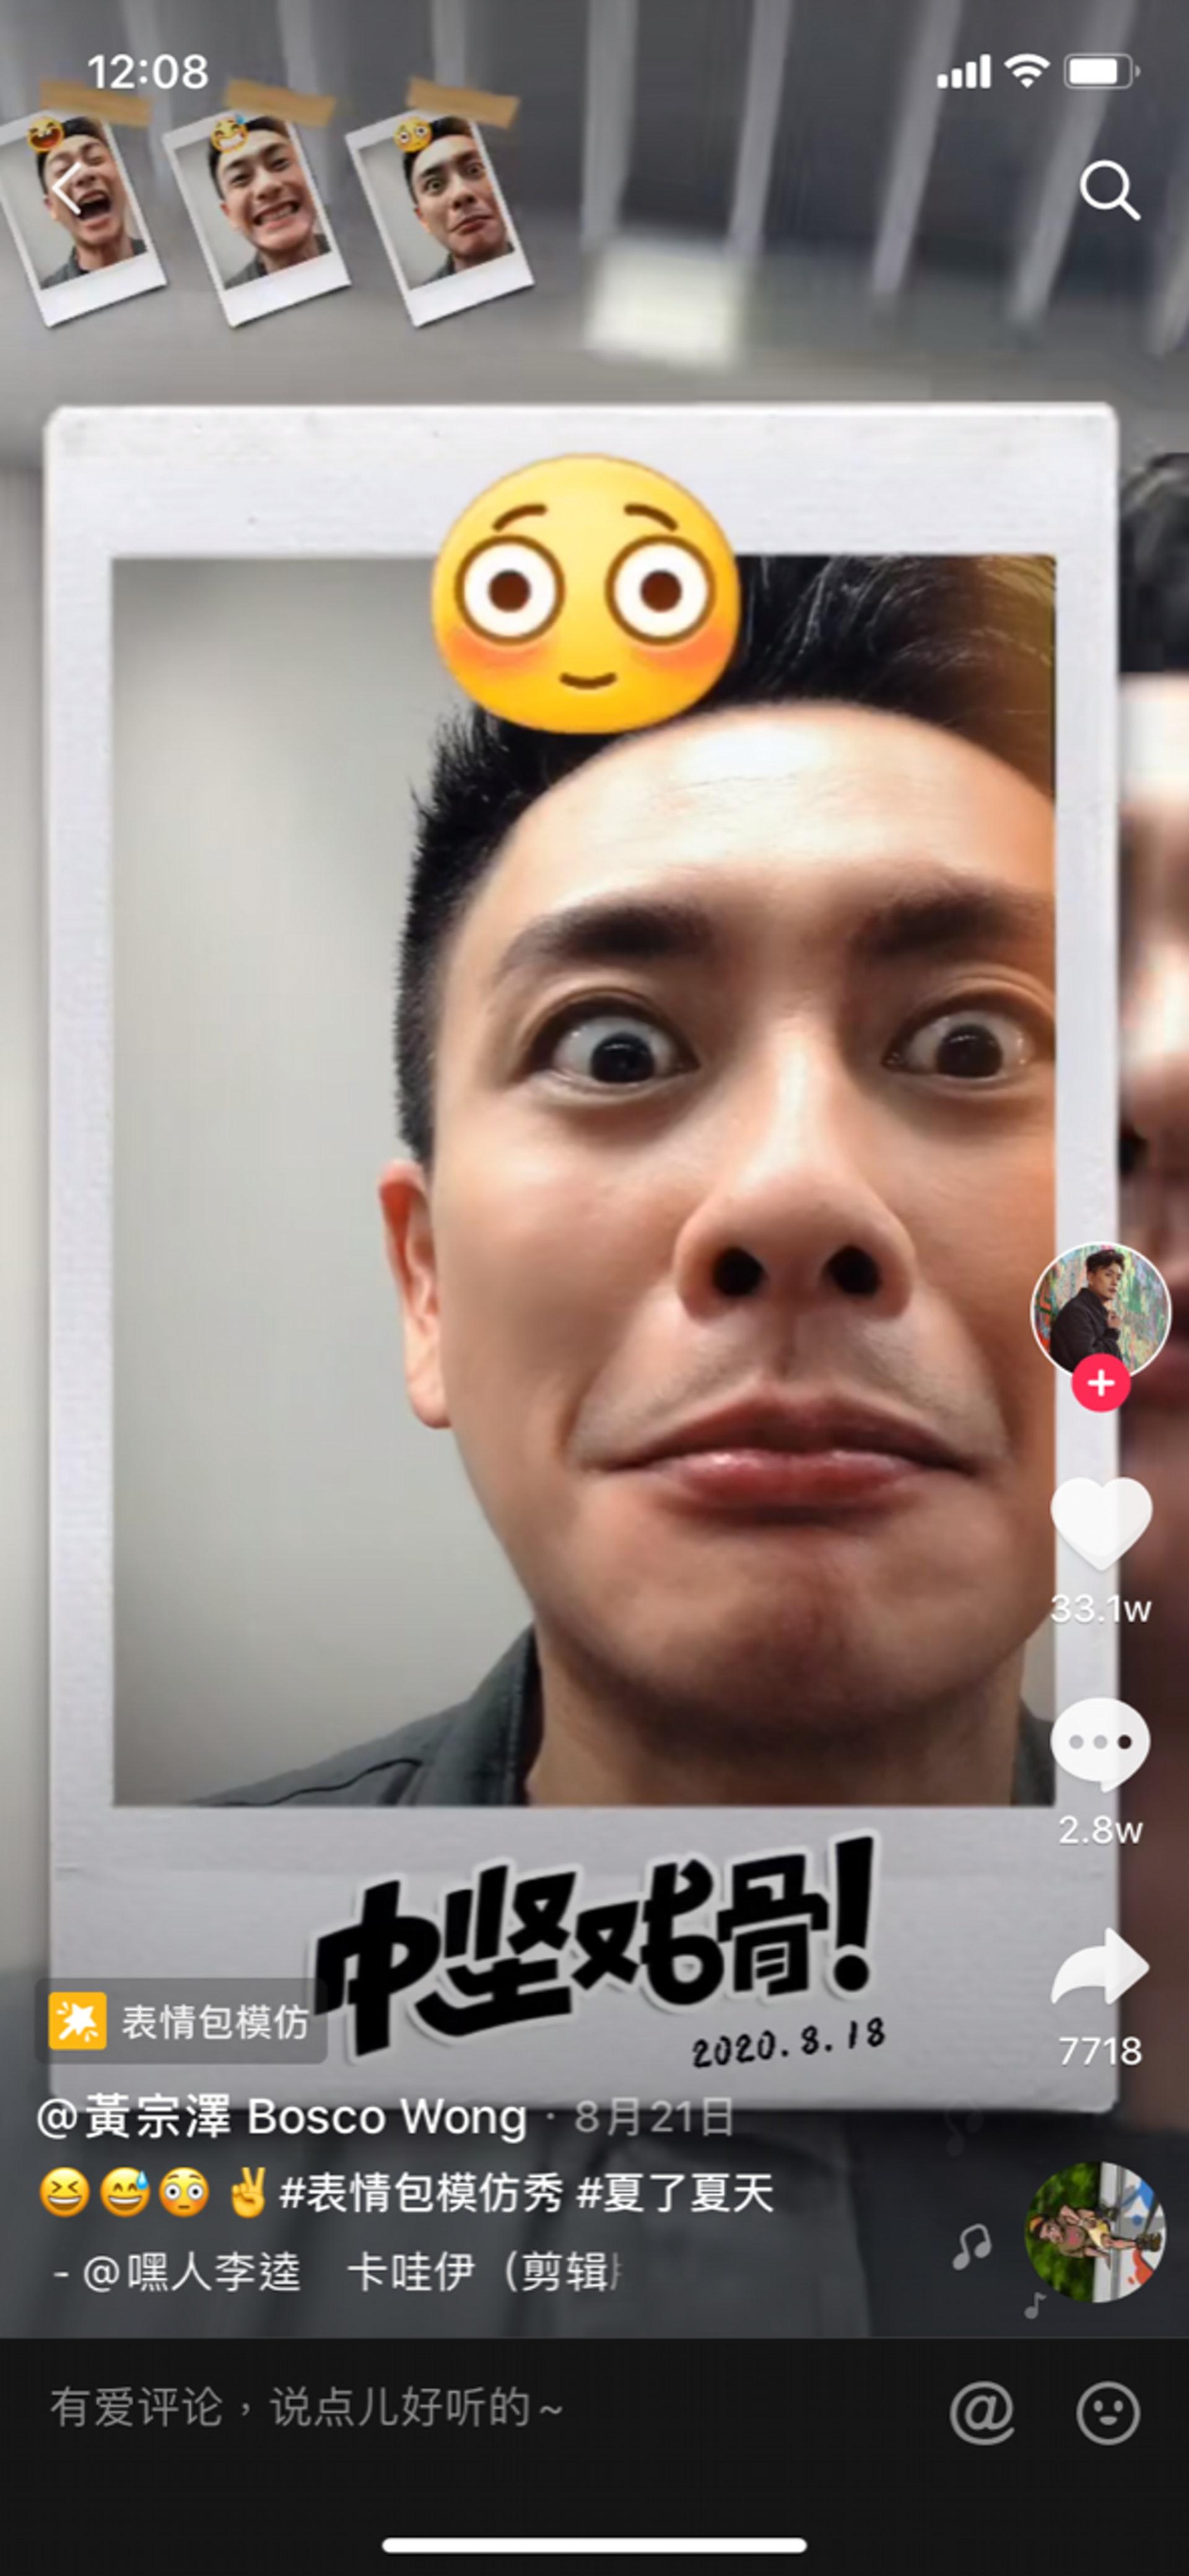 Bosco神還原了各個emoji的可愛表情。(抖音截圖)